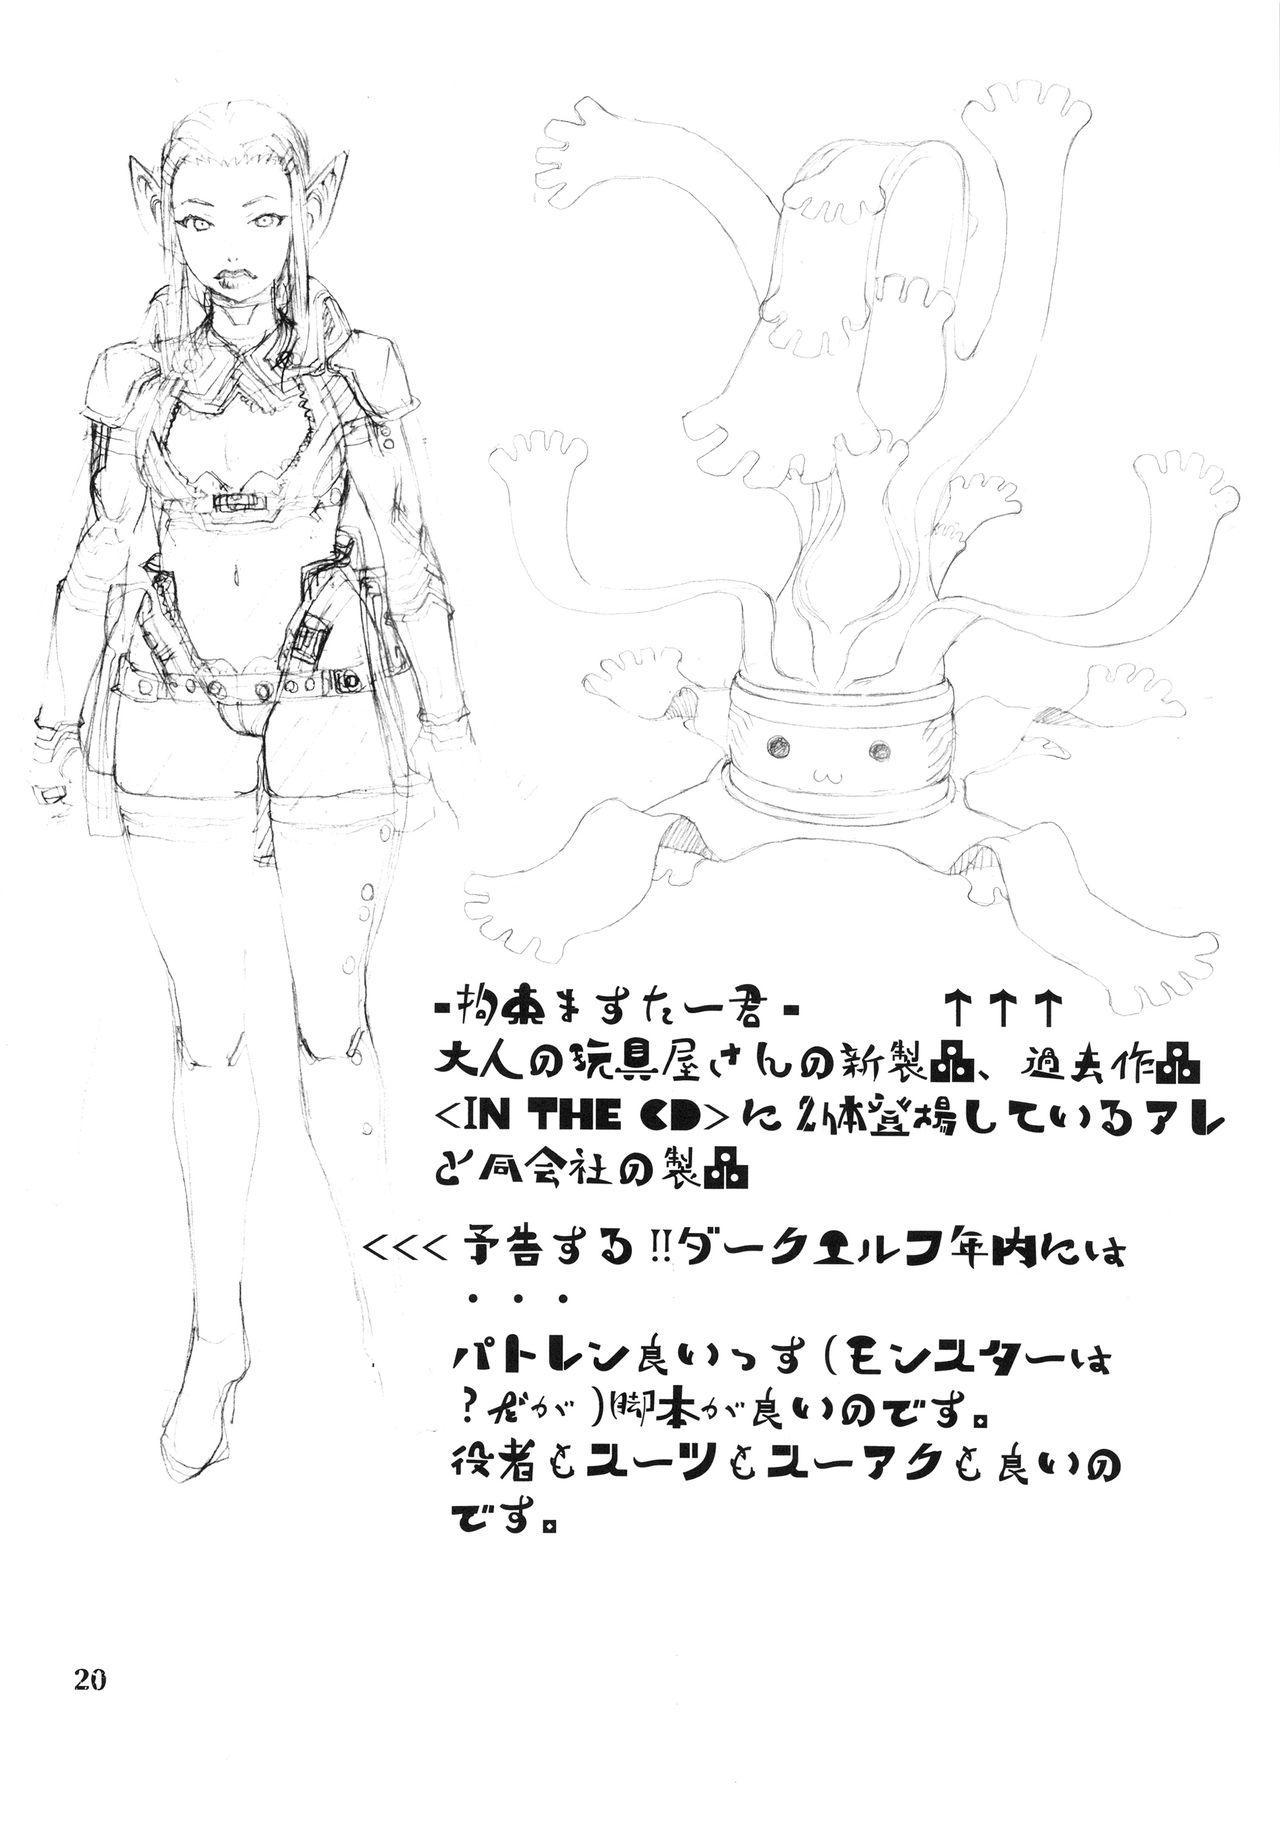 Otona no Omochaya-san no HT Settai Ima Koko 18